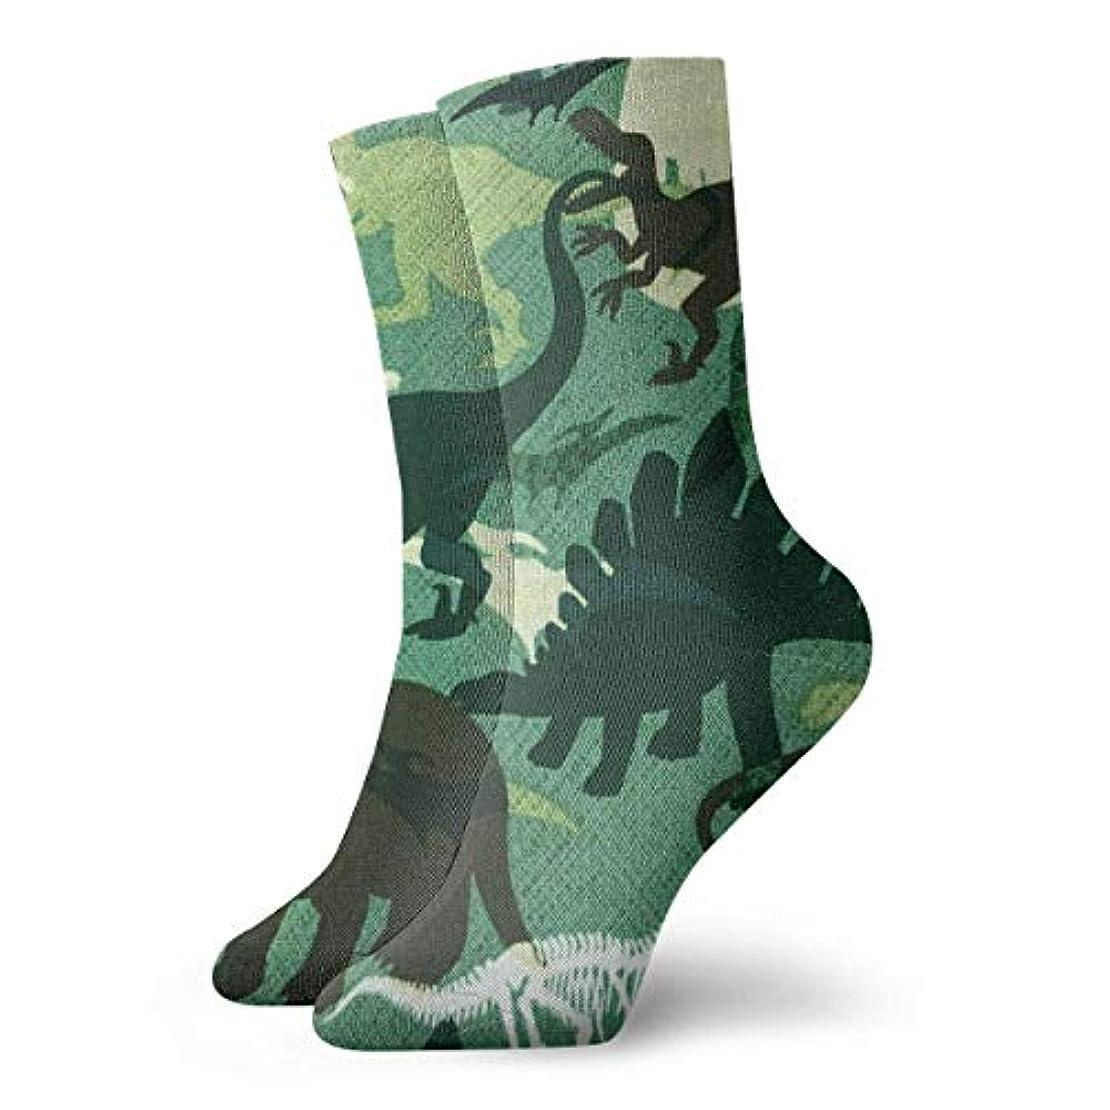 薬バケット宗教的なqrriyノベルティデザインクルーソックス、緑の恐竜迷彩、クリスマス休暇クレイジー楽しいカラフルなファンシーソックス、冬暖かいストレッチクルーソックス